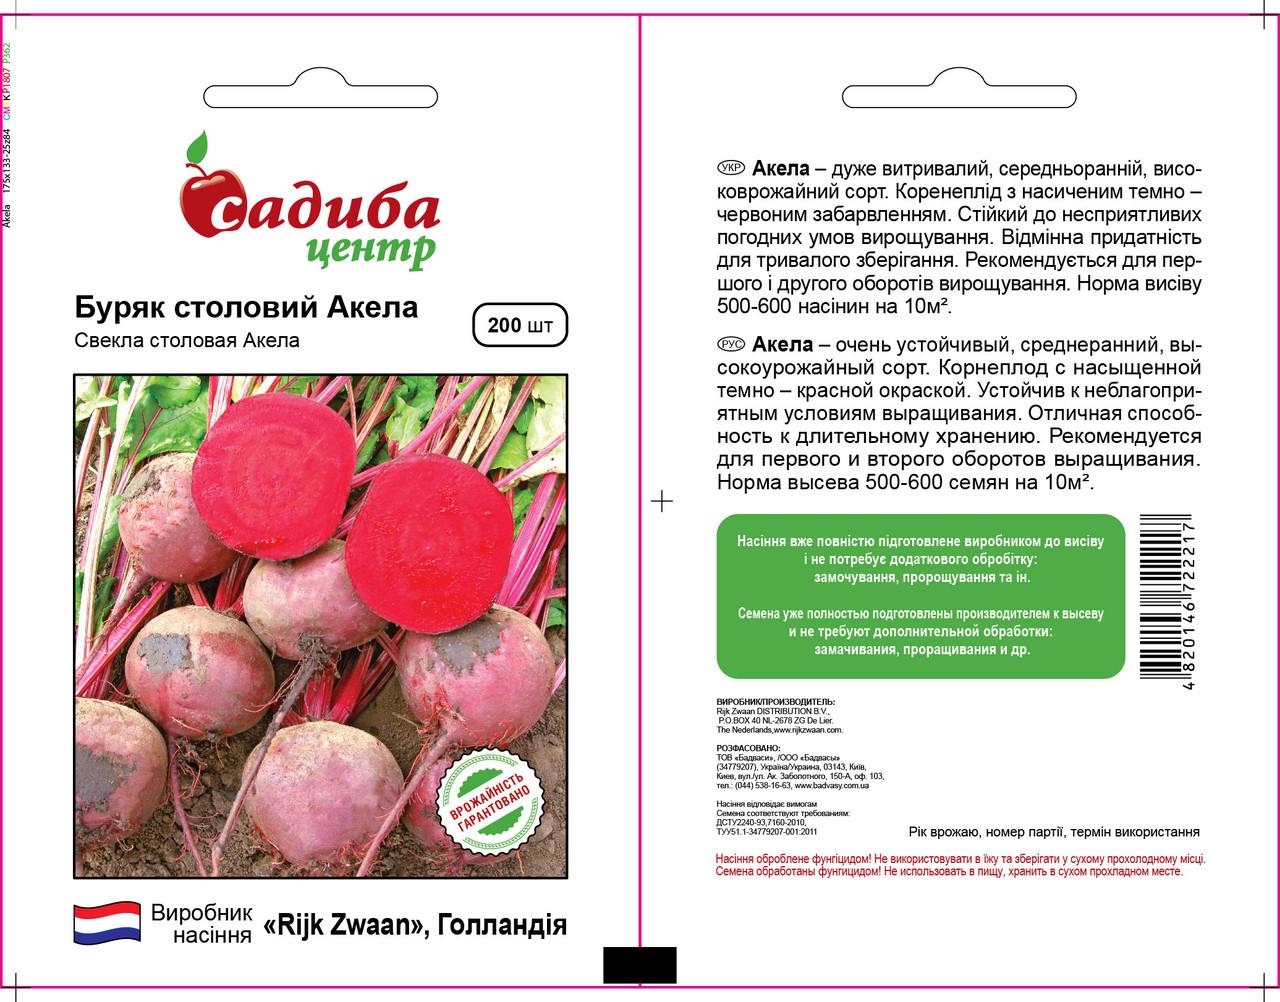 Семена свеклы Акела (Rijk Zwaan / САДЫБА ЦЕНТР) 200 сем - средне-ранняя сортовая (80 дн), круглая, столовая